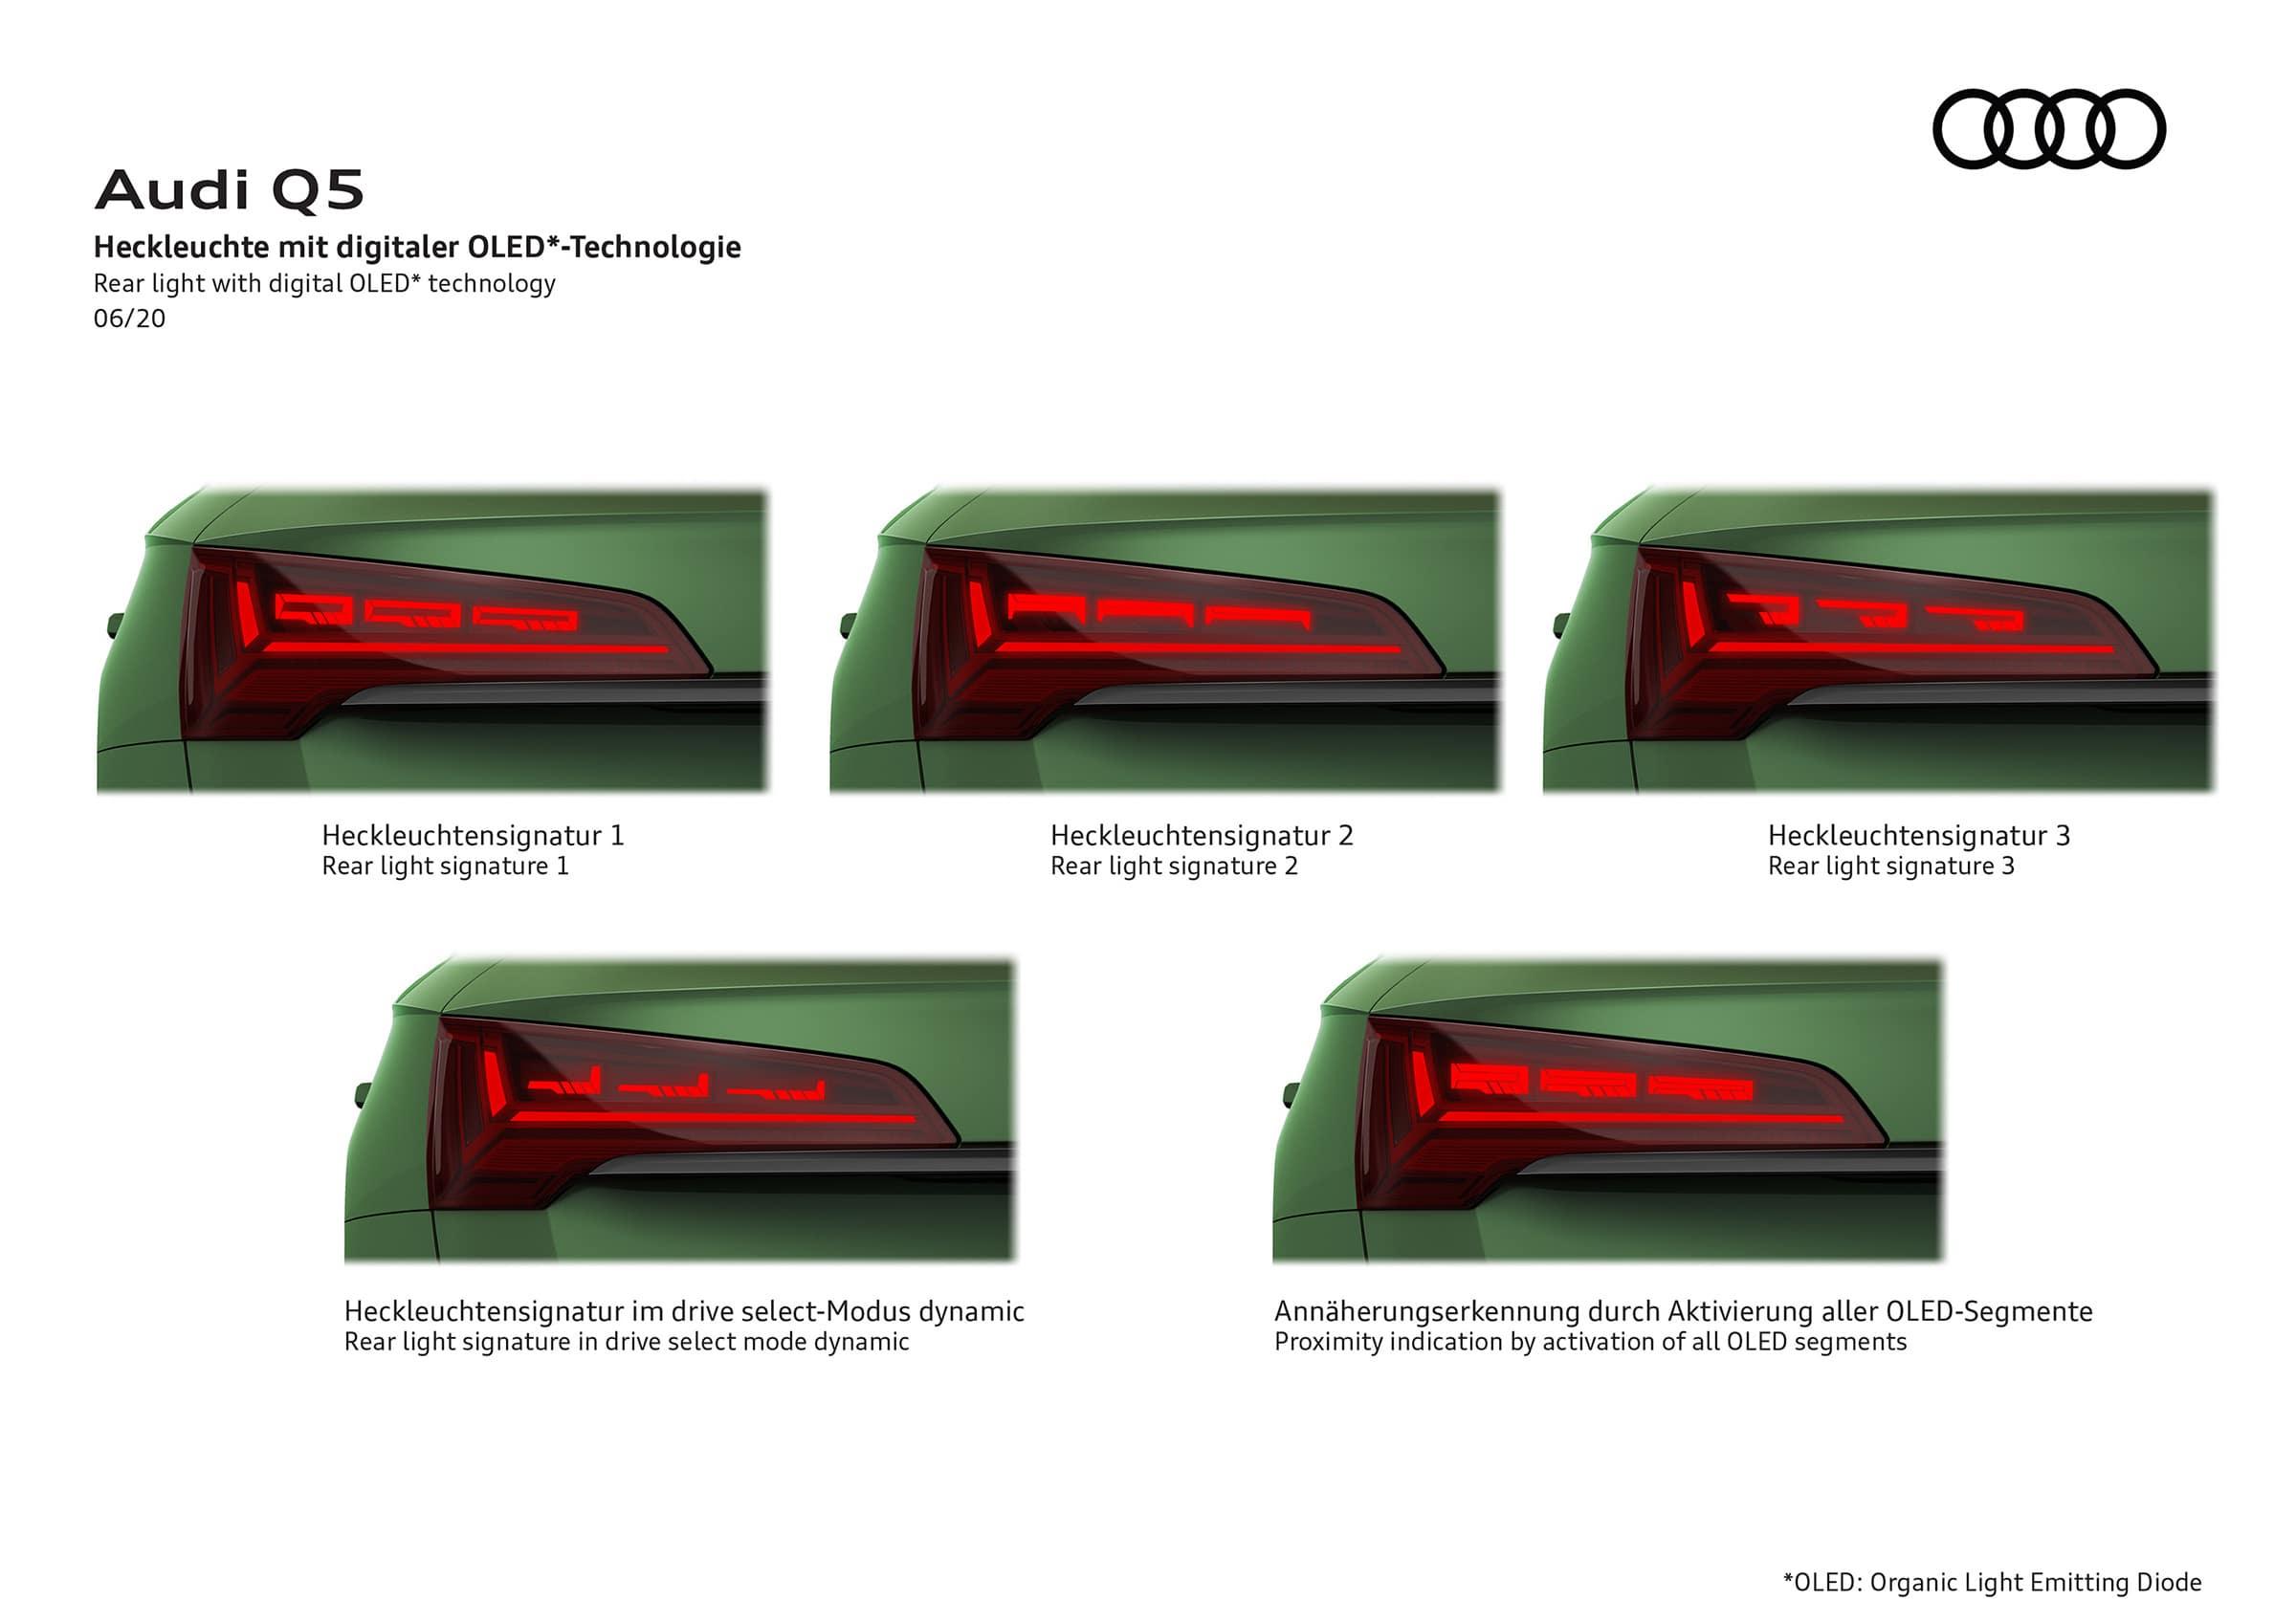 Ψηφιακή τεχνολογία OLED στα πίσω φώτα του Audi Q5